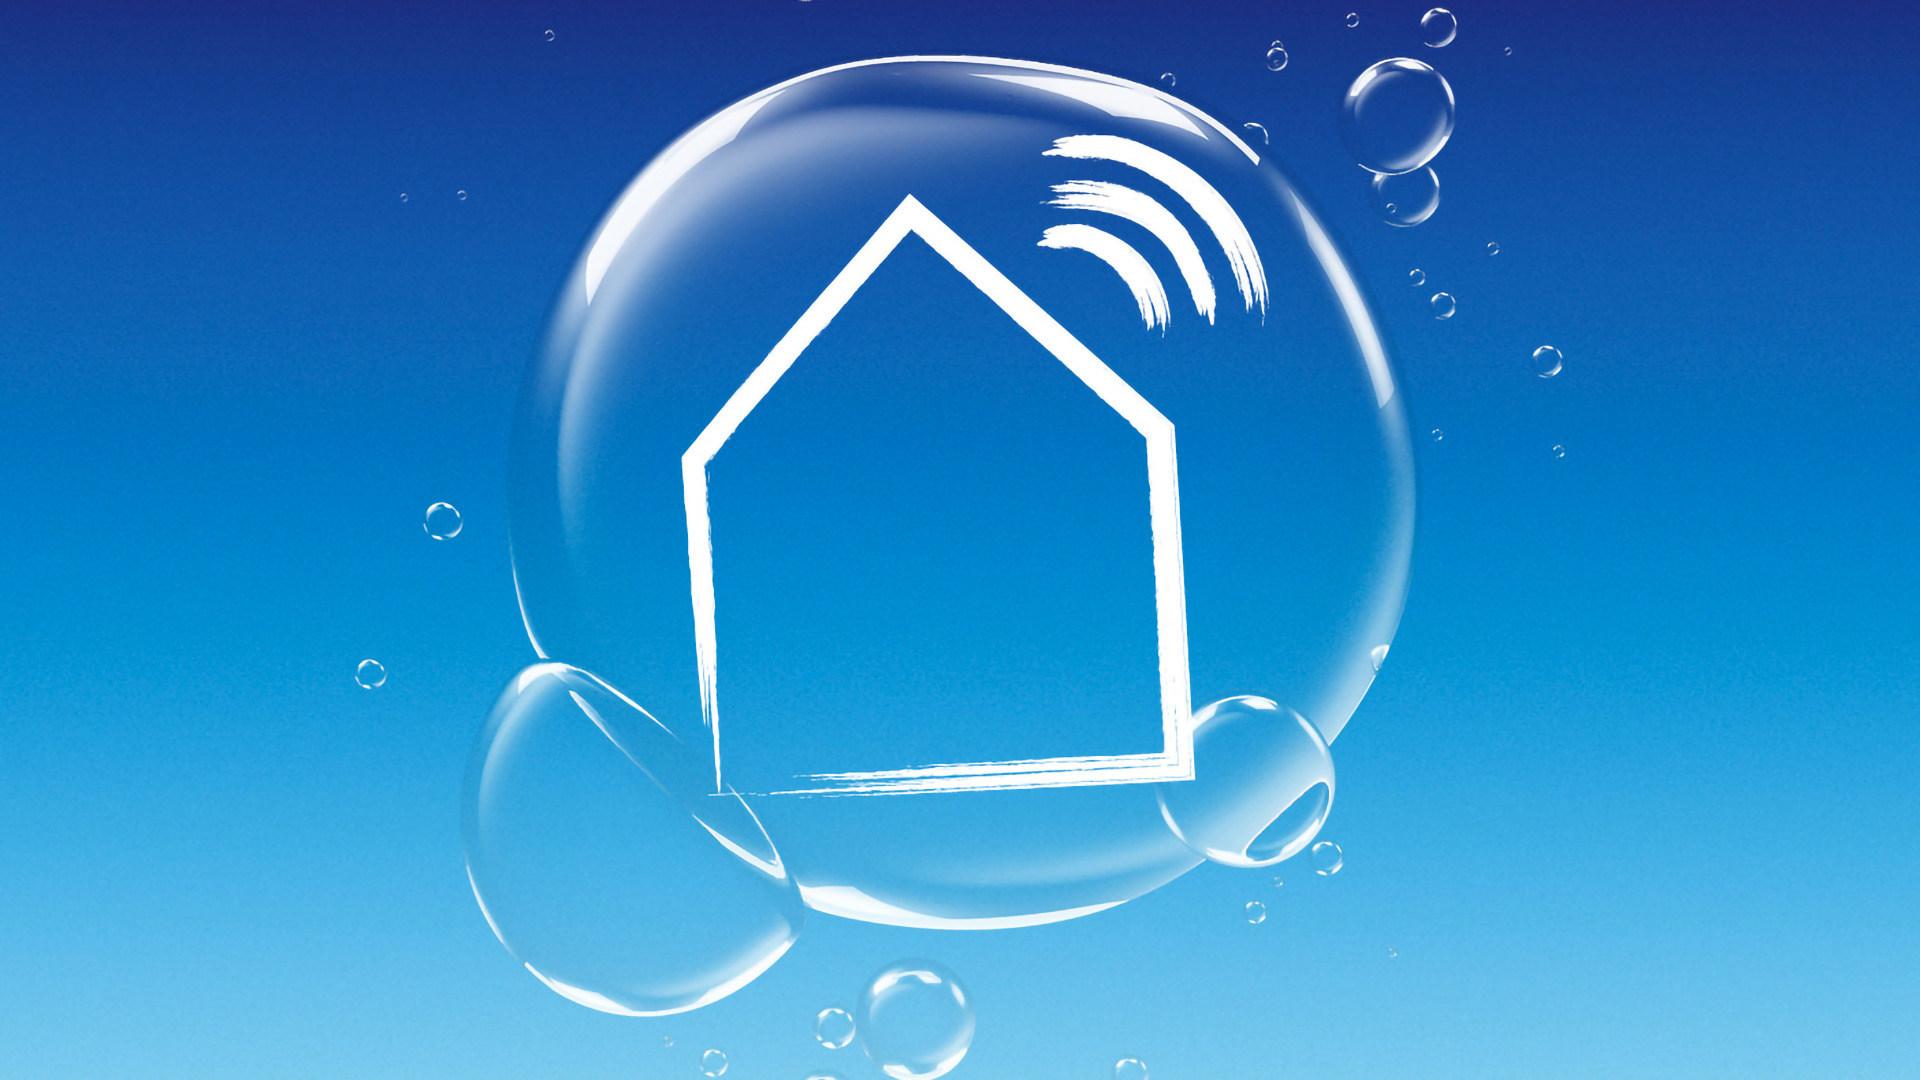 Internet, Deutschland, Provider, Tarife, O2, Telefonica, Kabel, Dsl, Glasfaser, Anschlüsse, Vdsl, o2 my Home